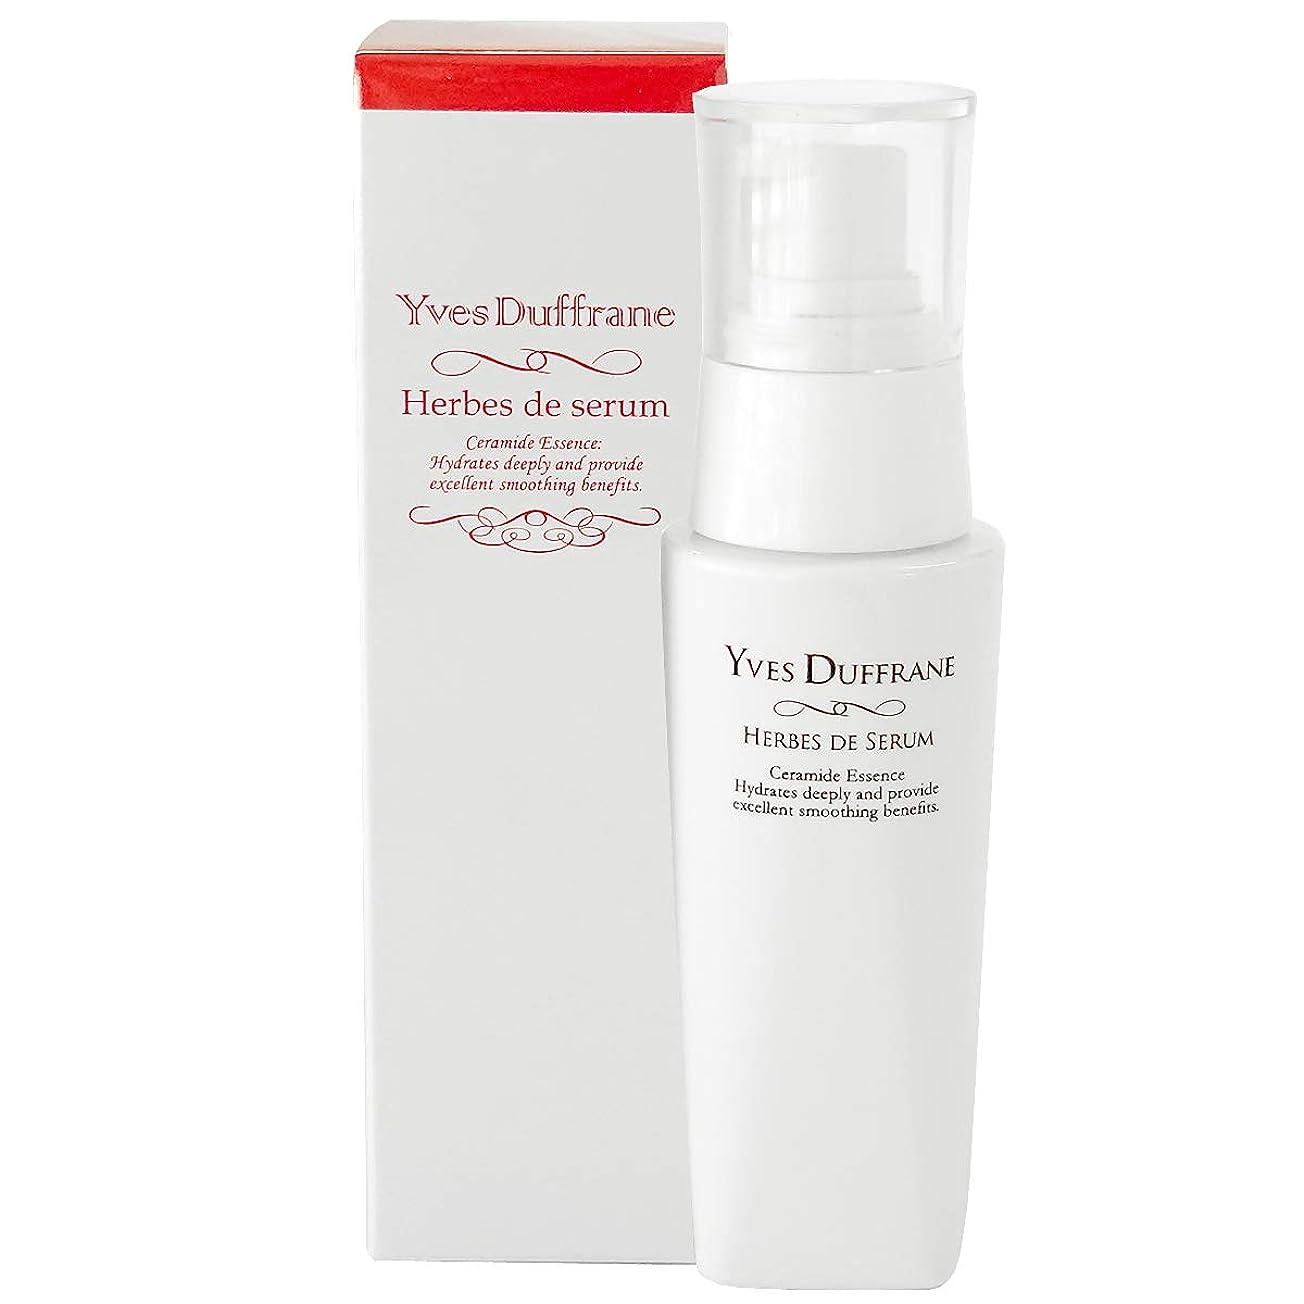 実行可能学部長重なるセラミド美容液/セラミド ビタミンC誘導体 高保湿 美容液/乾燥肌 毛穴 インナードライ肌